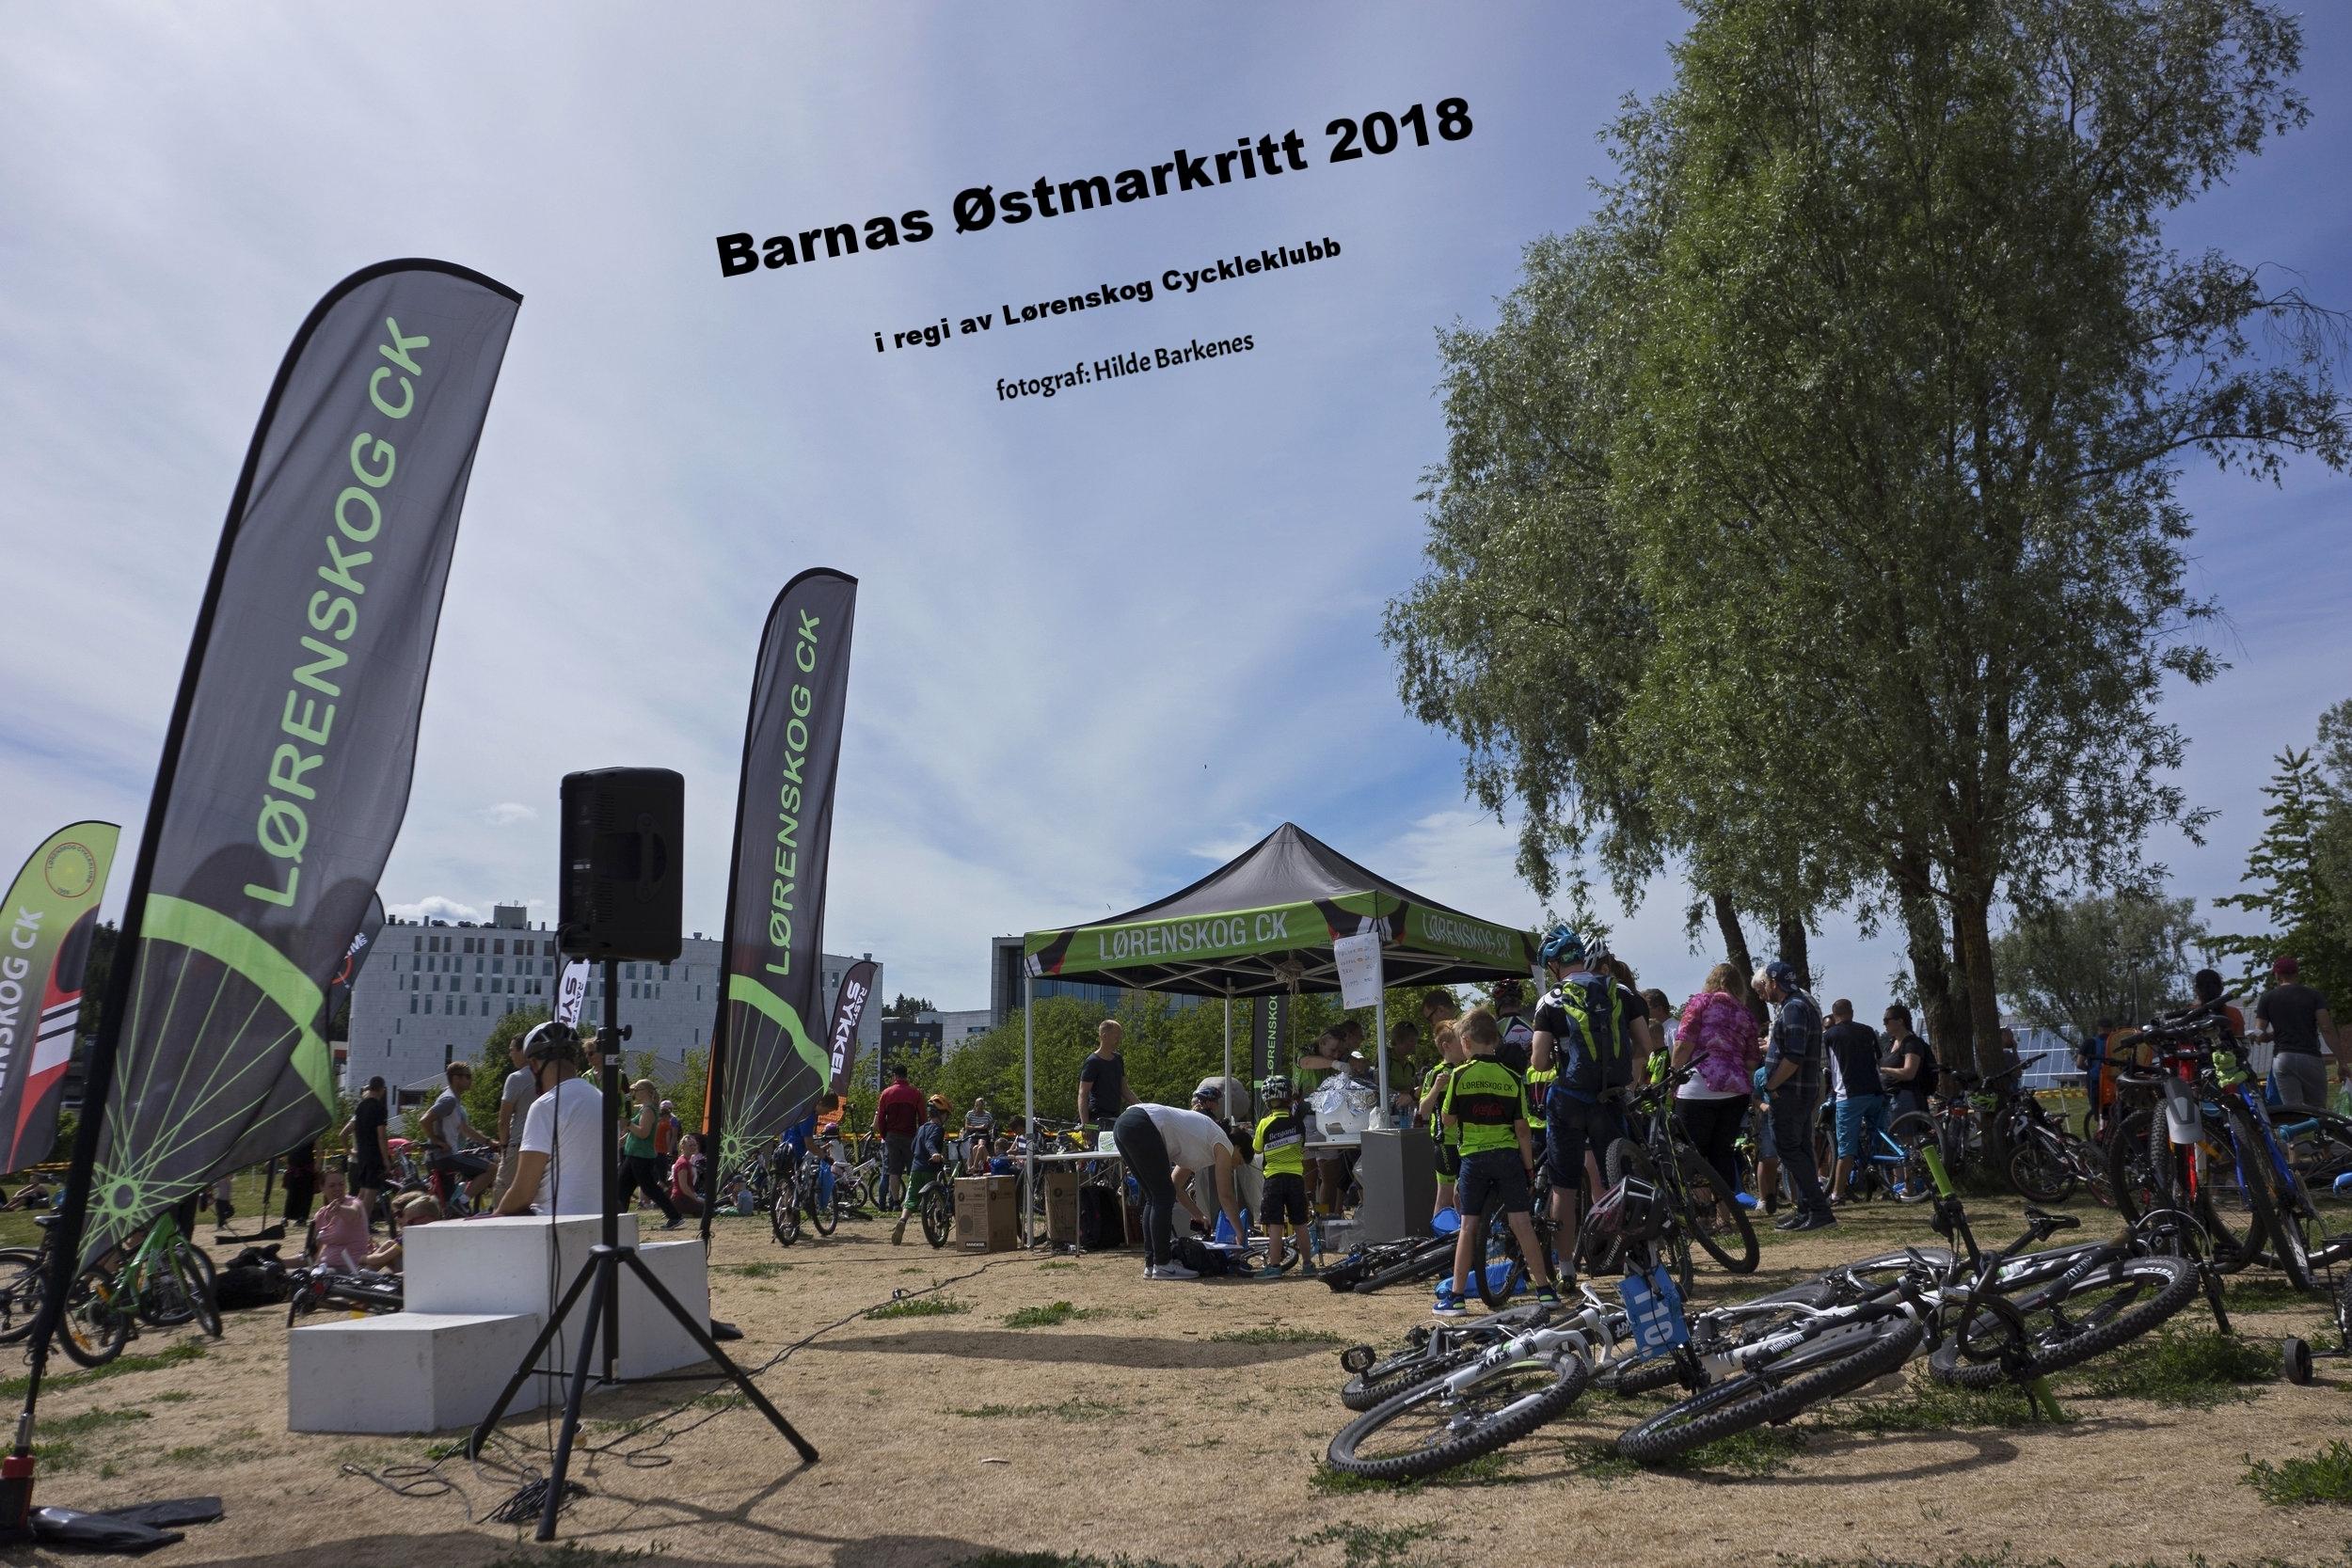 Barnas_Østmarksritt_2018_Hilde_Barkene80ny.jpg